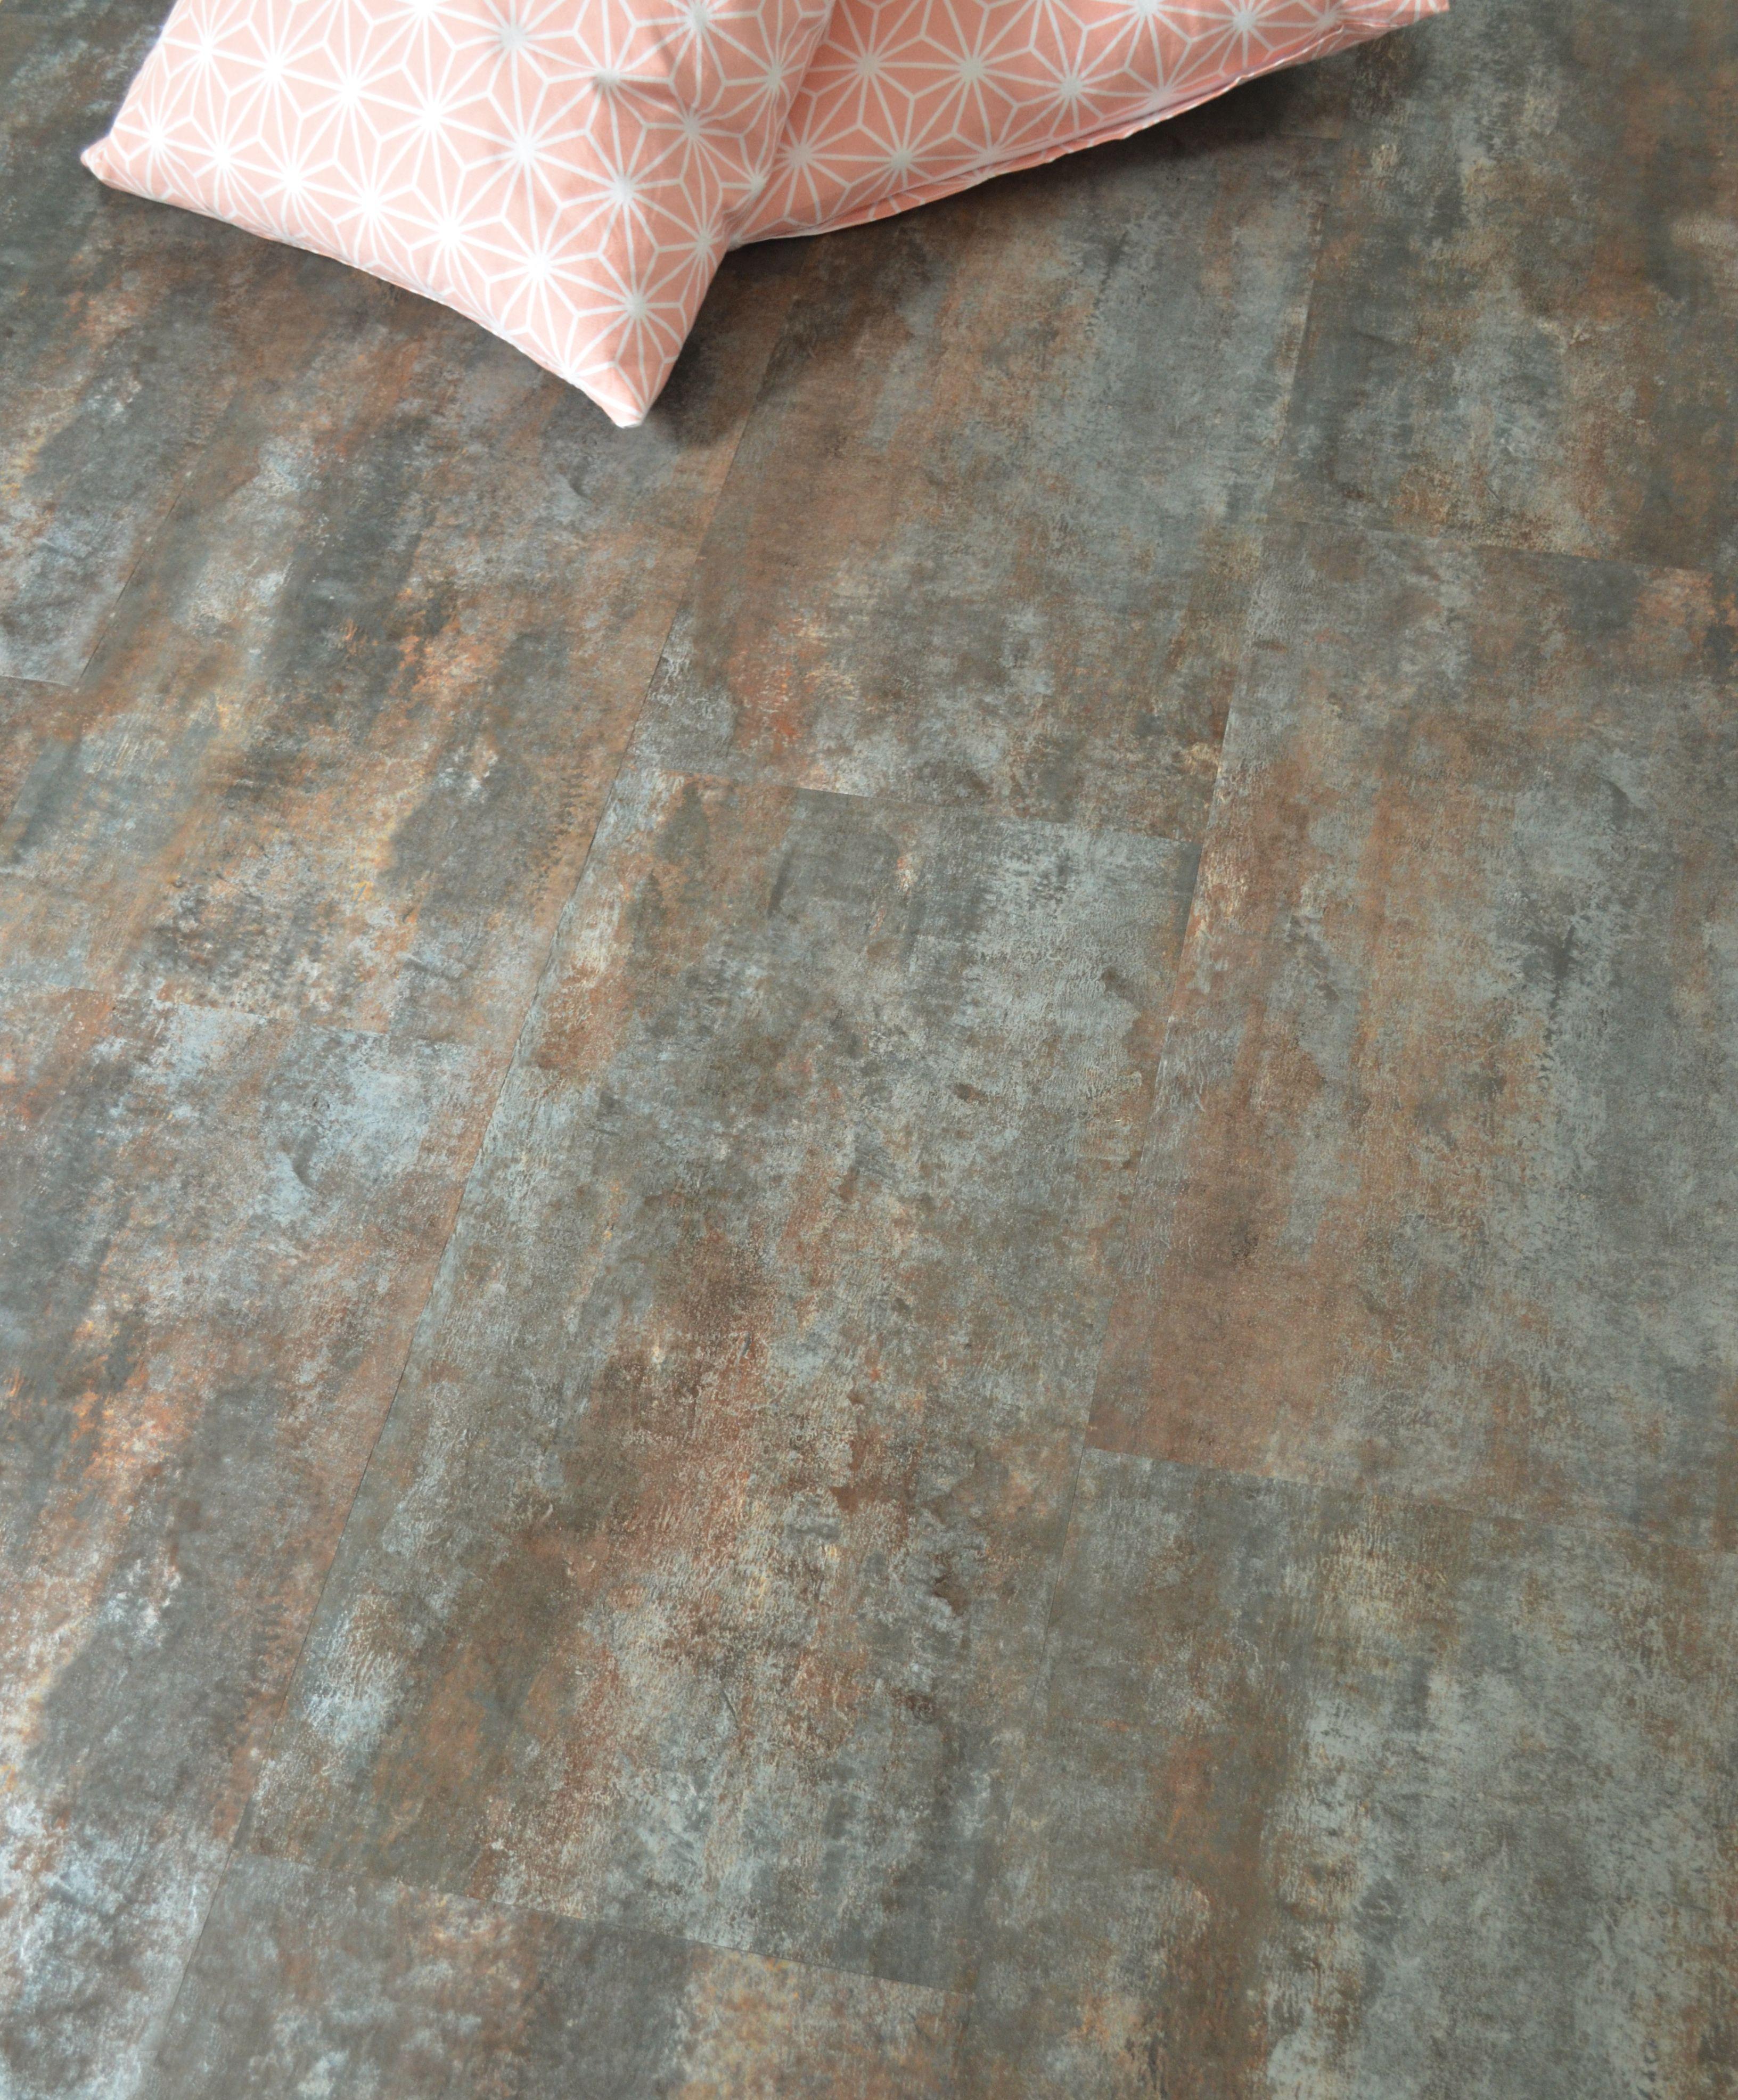 amoureux du vintage ou de la dco industrielle les dalles acier vintage en pvc sont faites pour vous pour habiller le sol de sa cuisine salle de bain